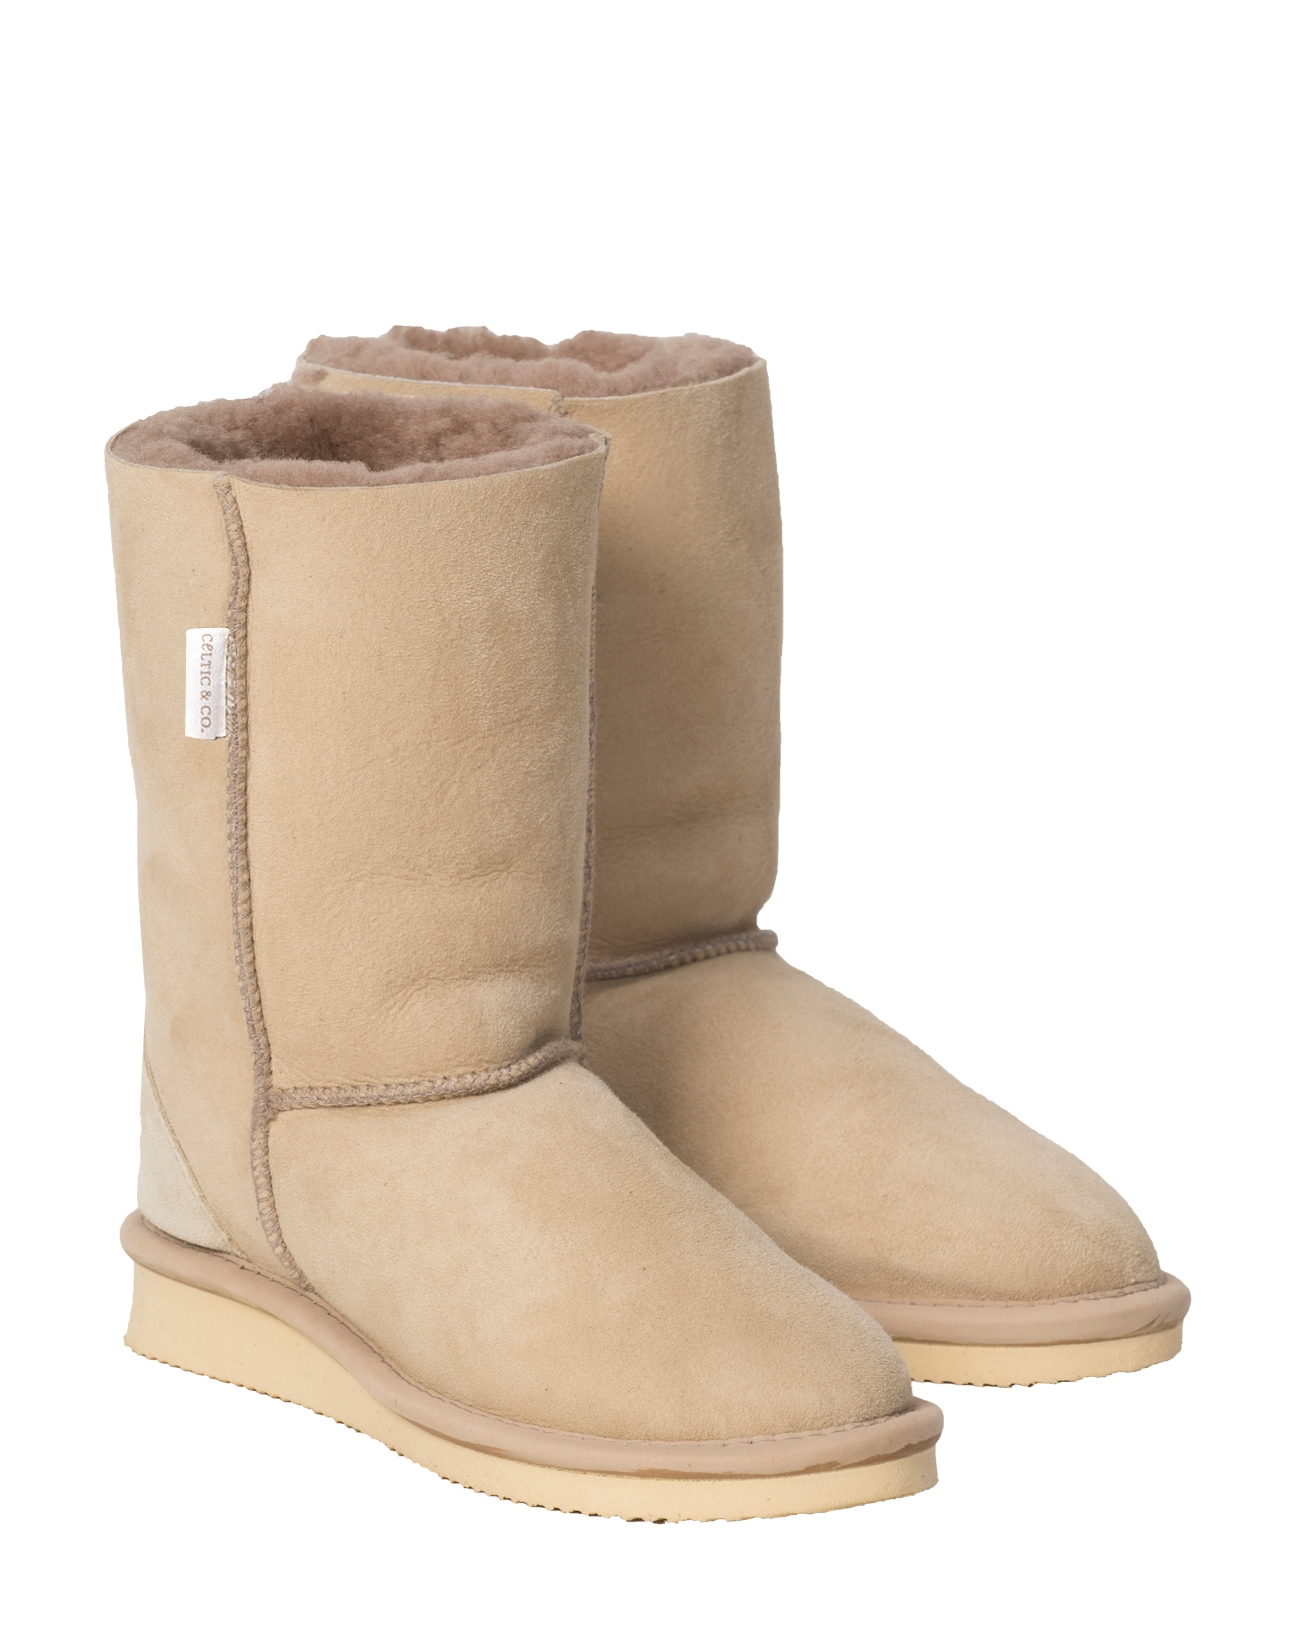 Men's House Boots Regular